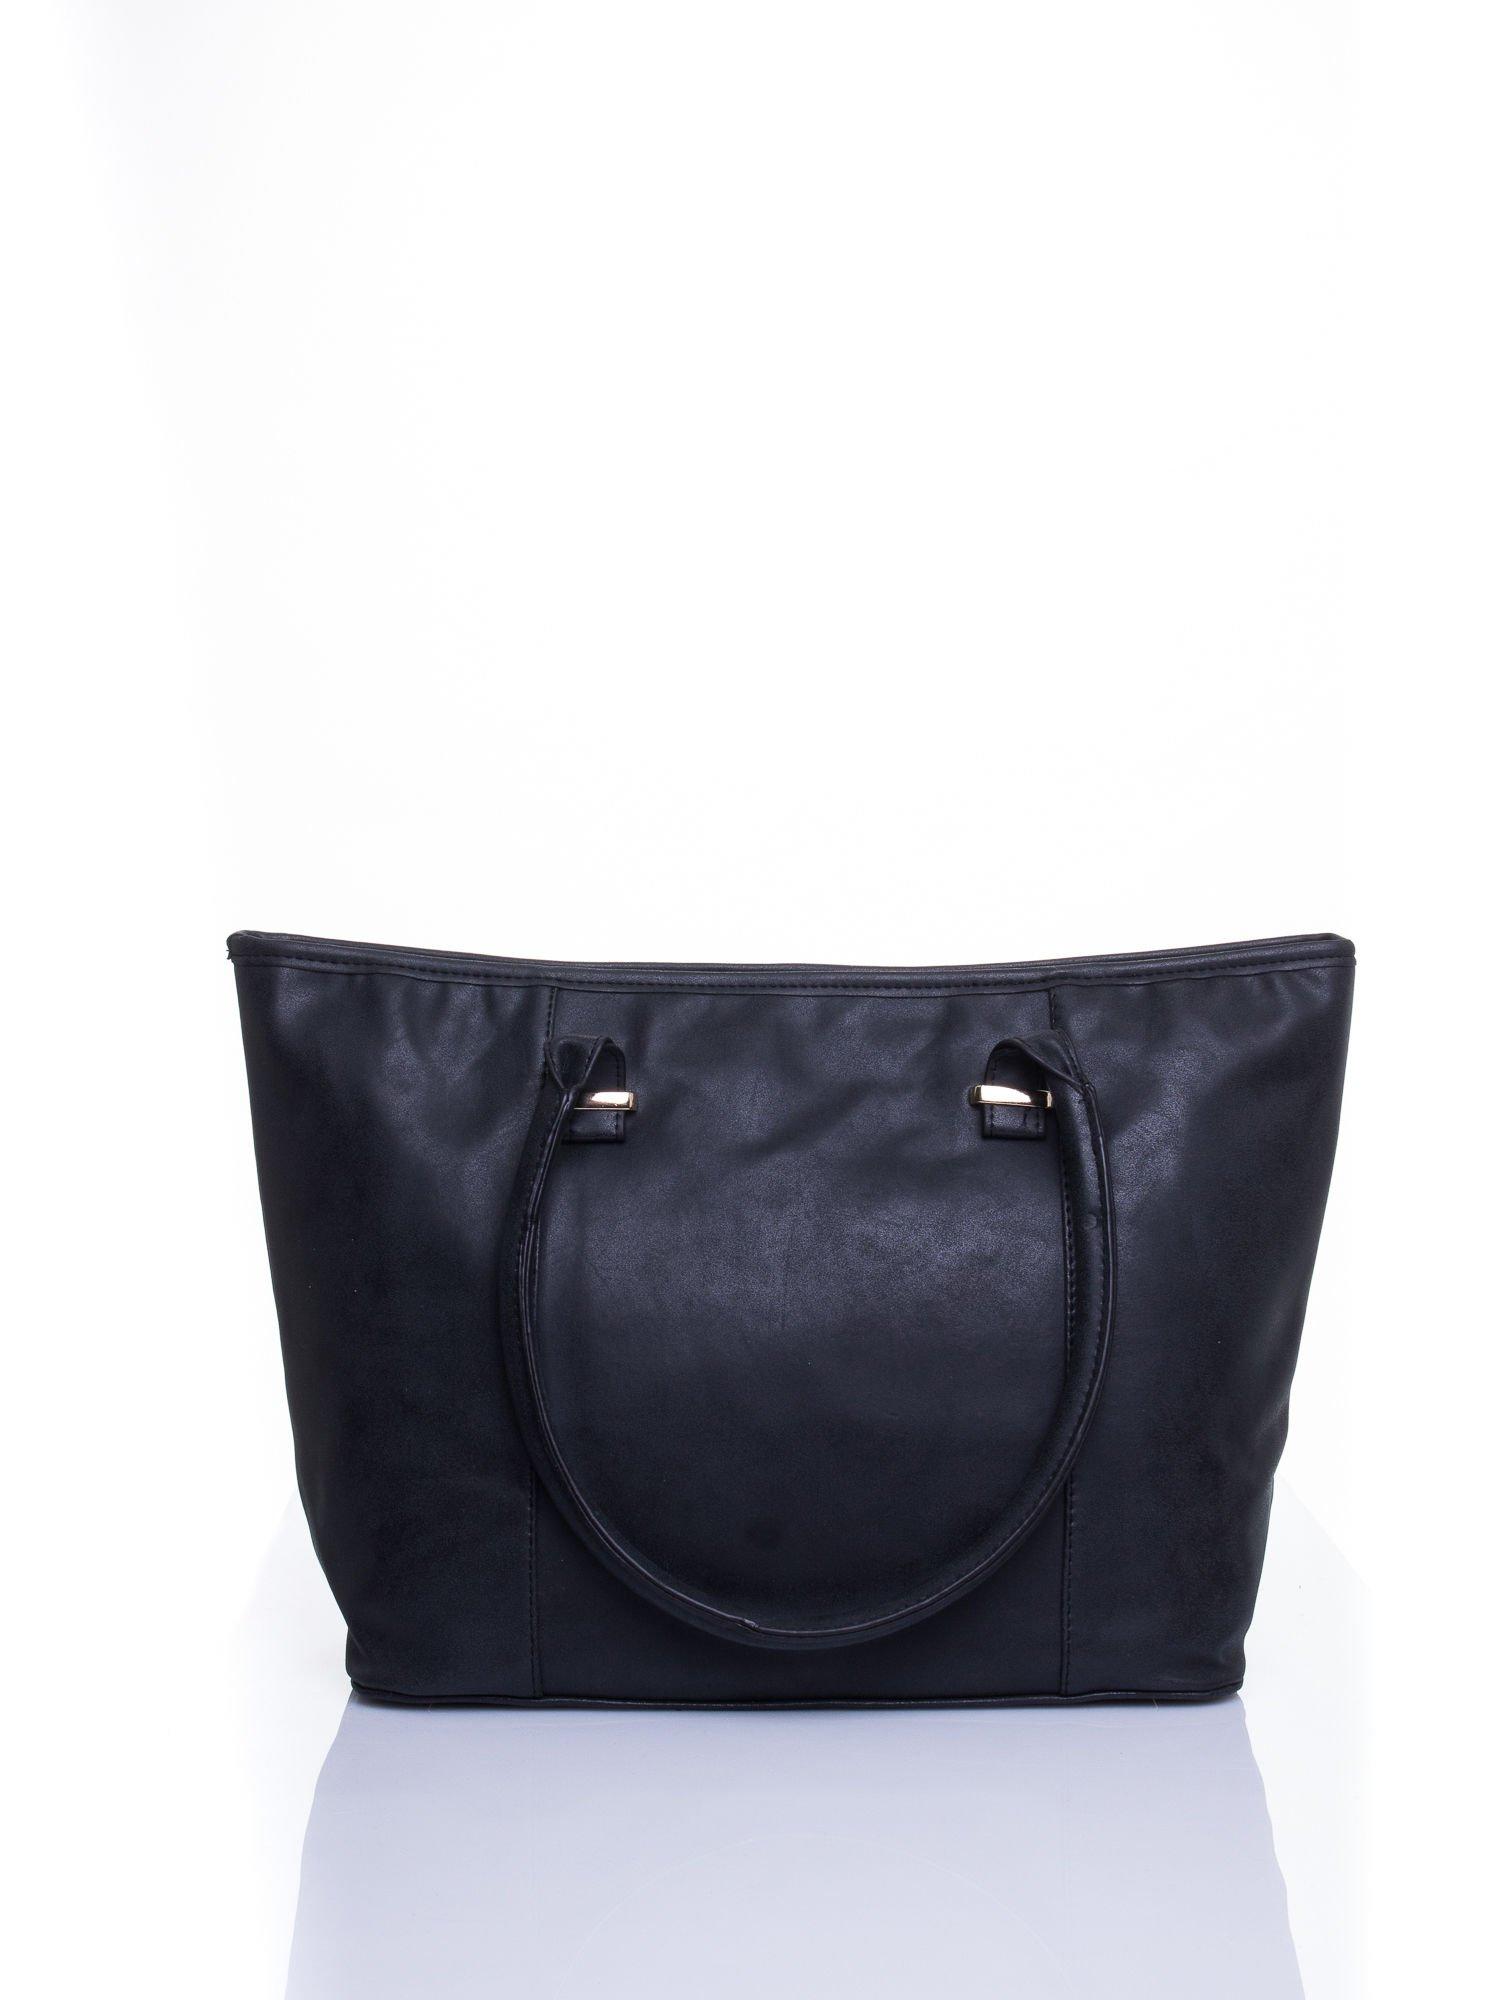 Czarna miękka torba shopper bag                                  zdj.                                  3